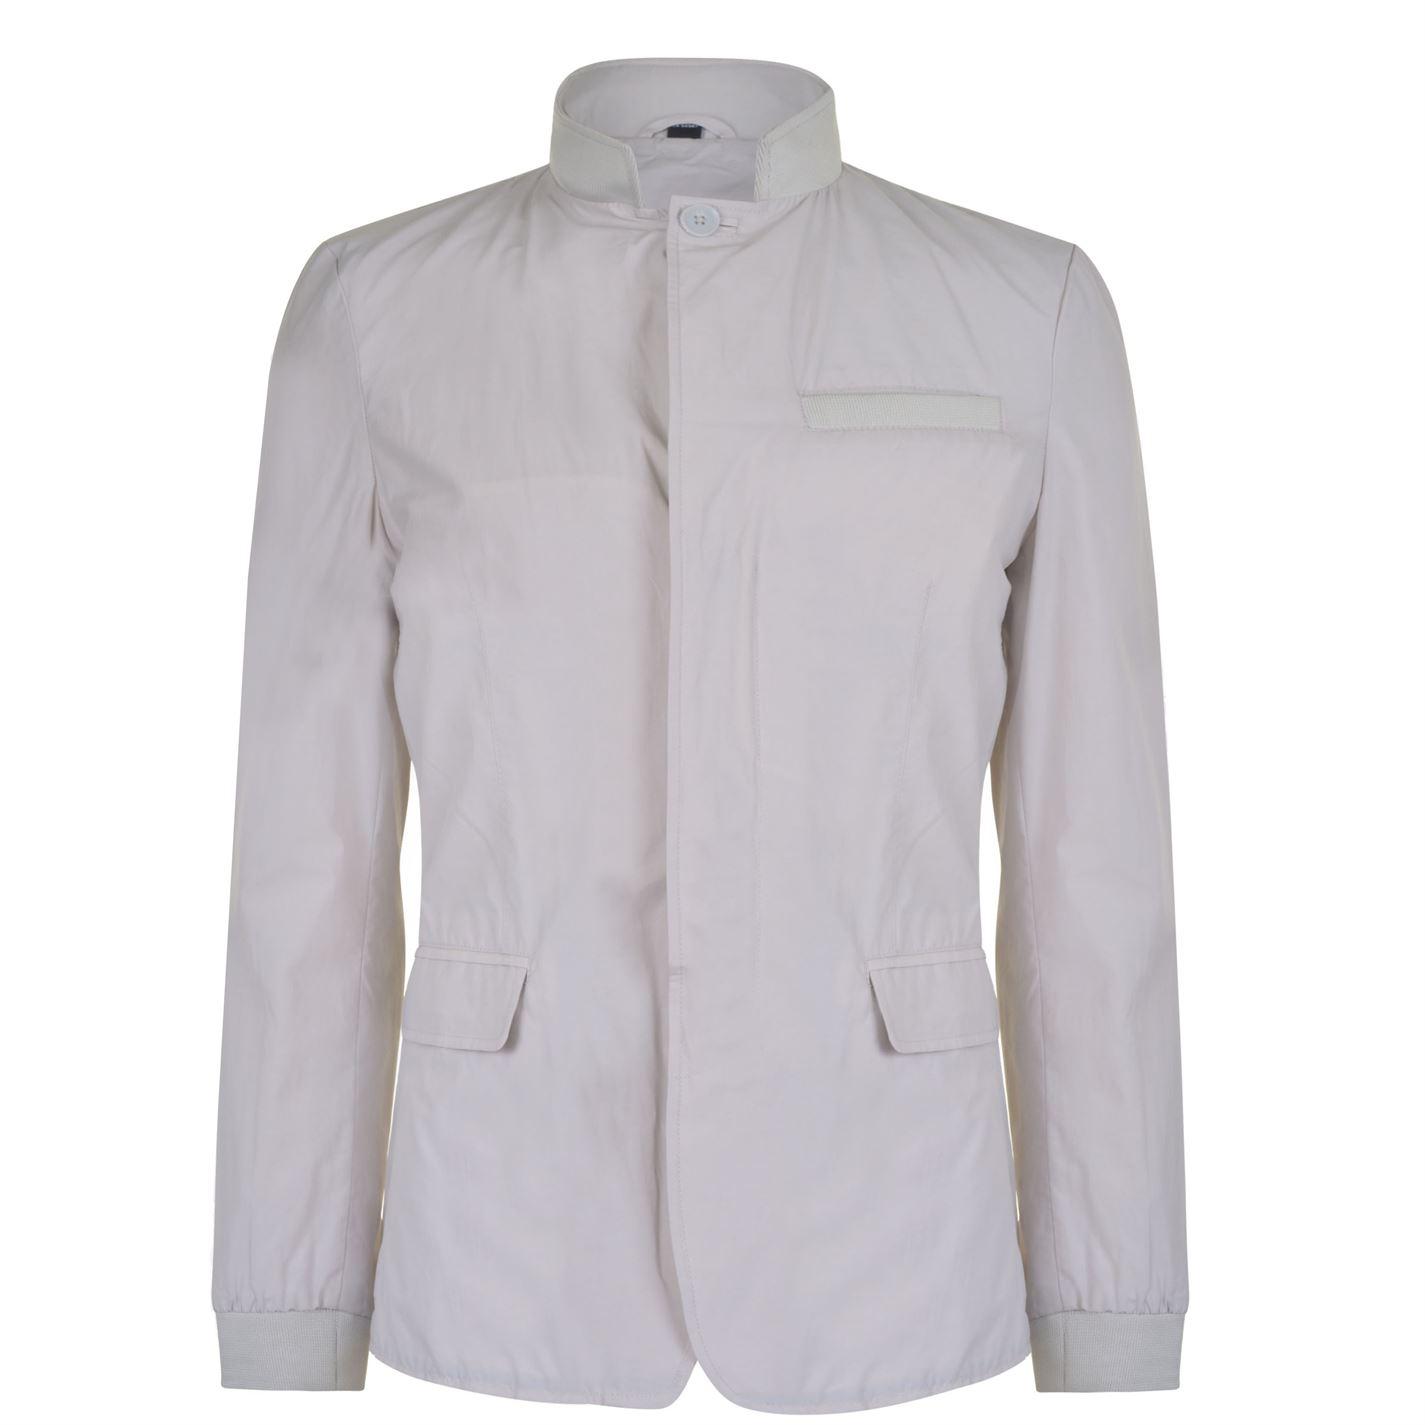 DKNY Anorak Jacket